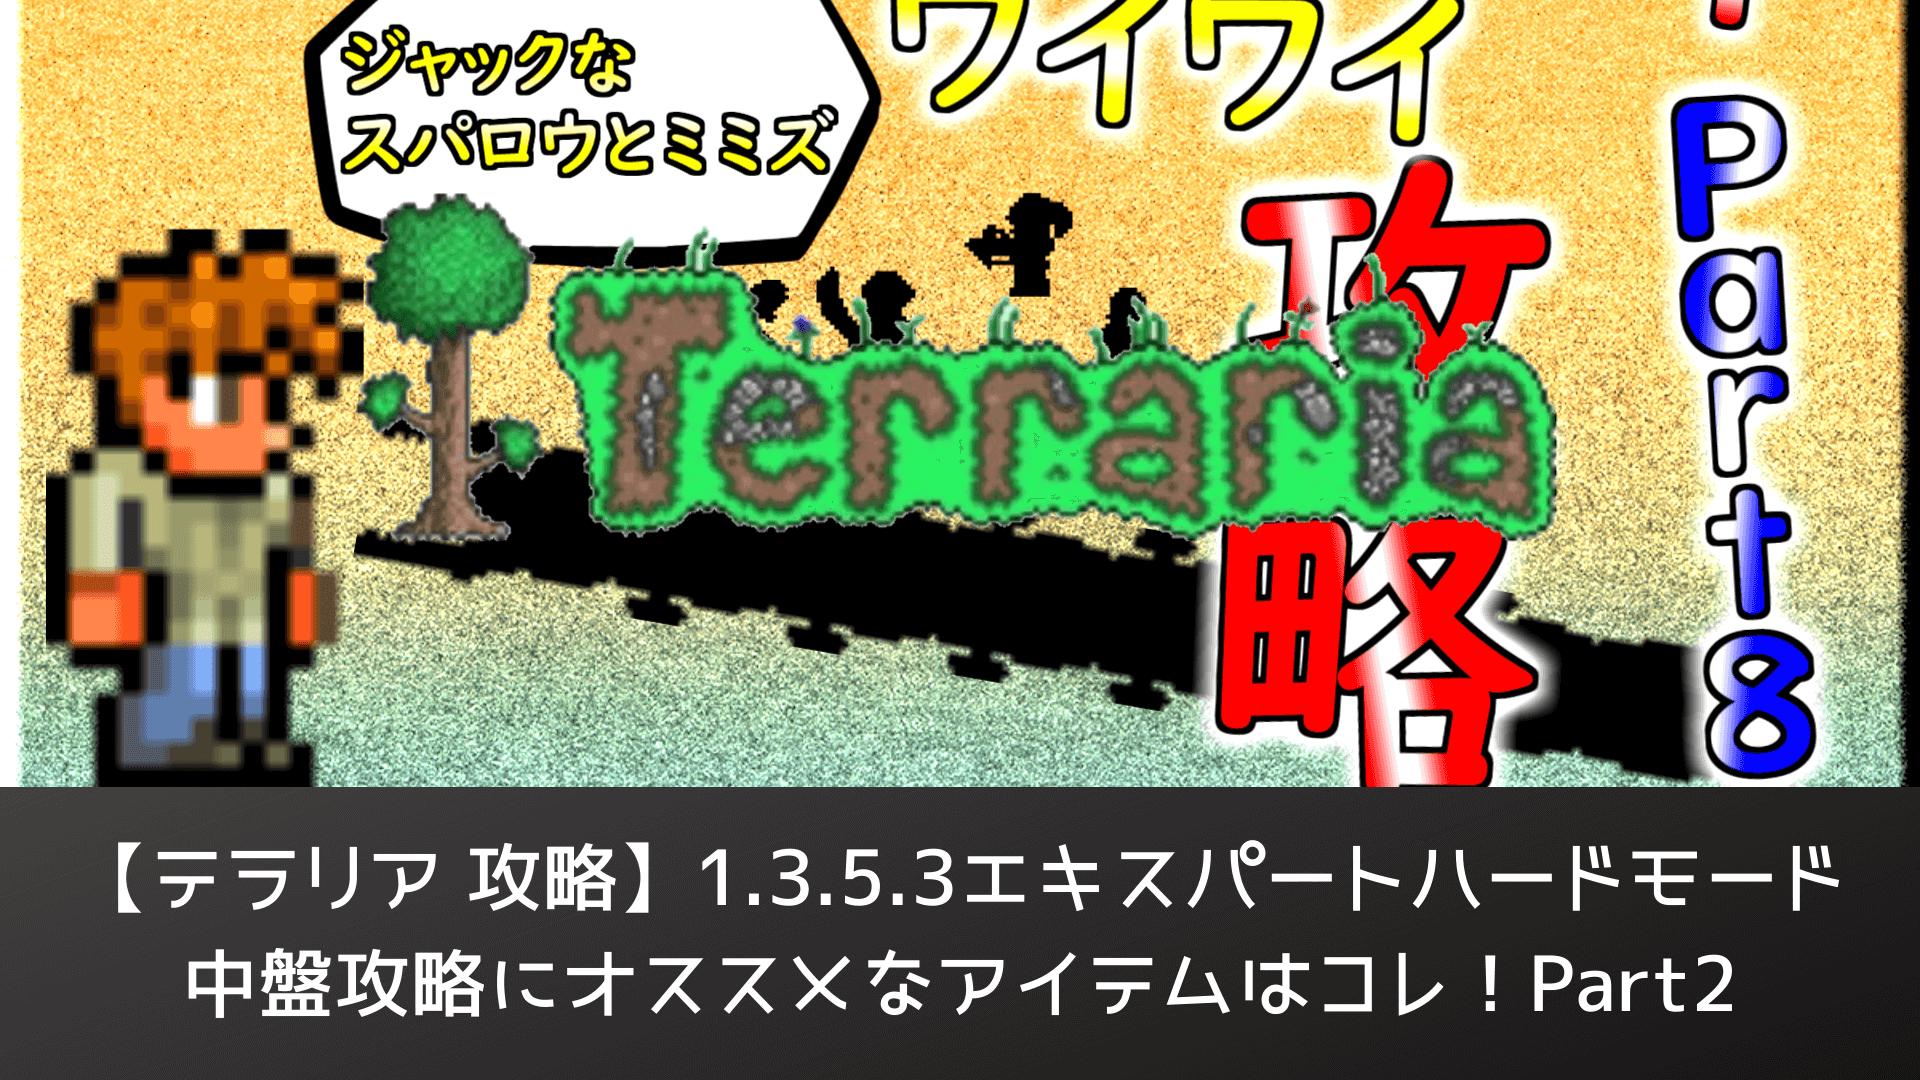 terraria-1.3.5.3-expart-kouryaku-part8